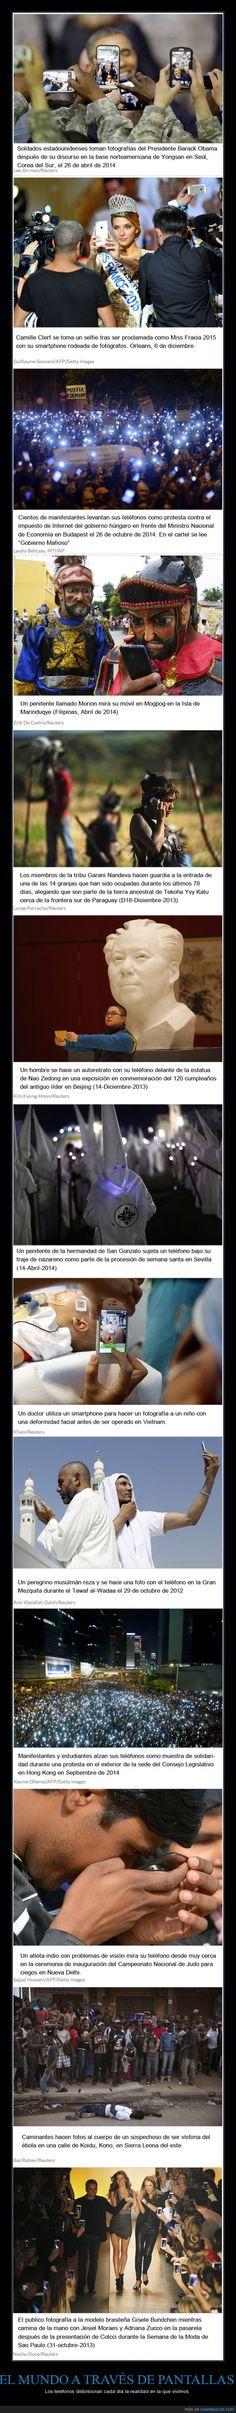 EL MUNDO A TRAVÉS DE PANTALLAS